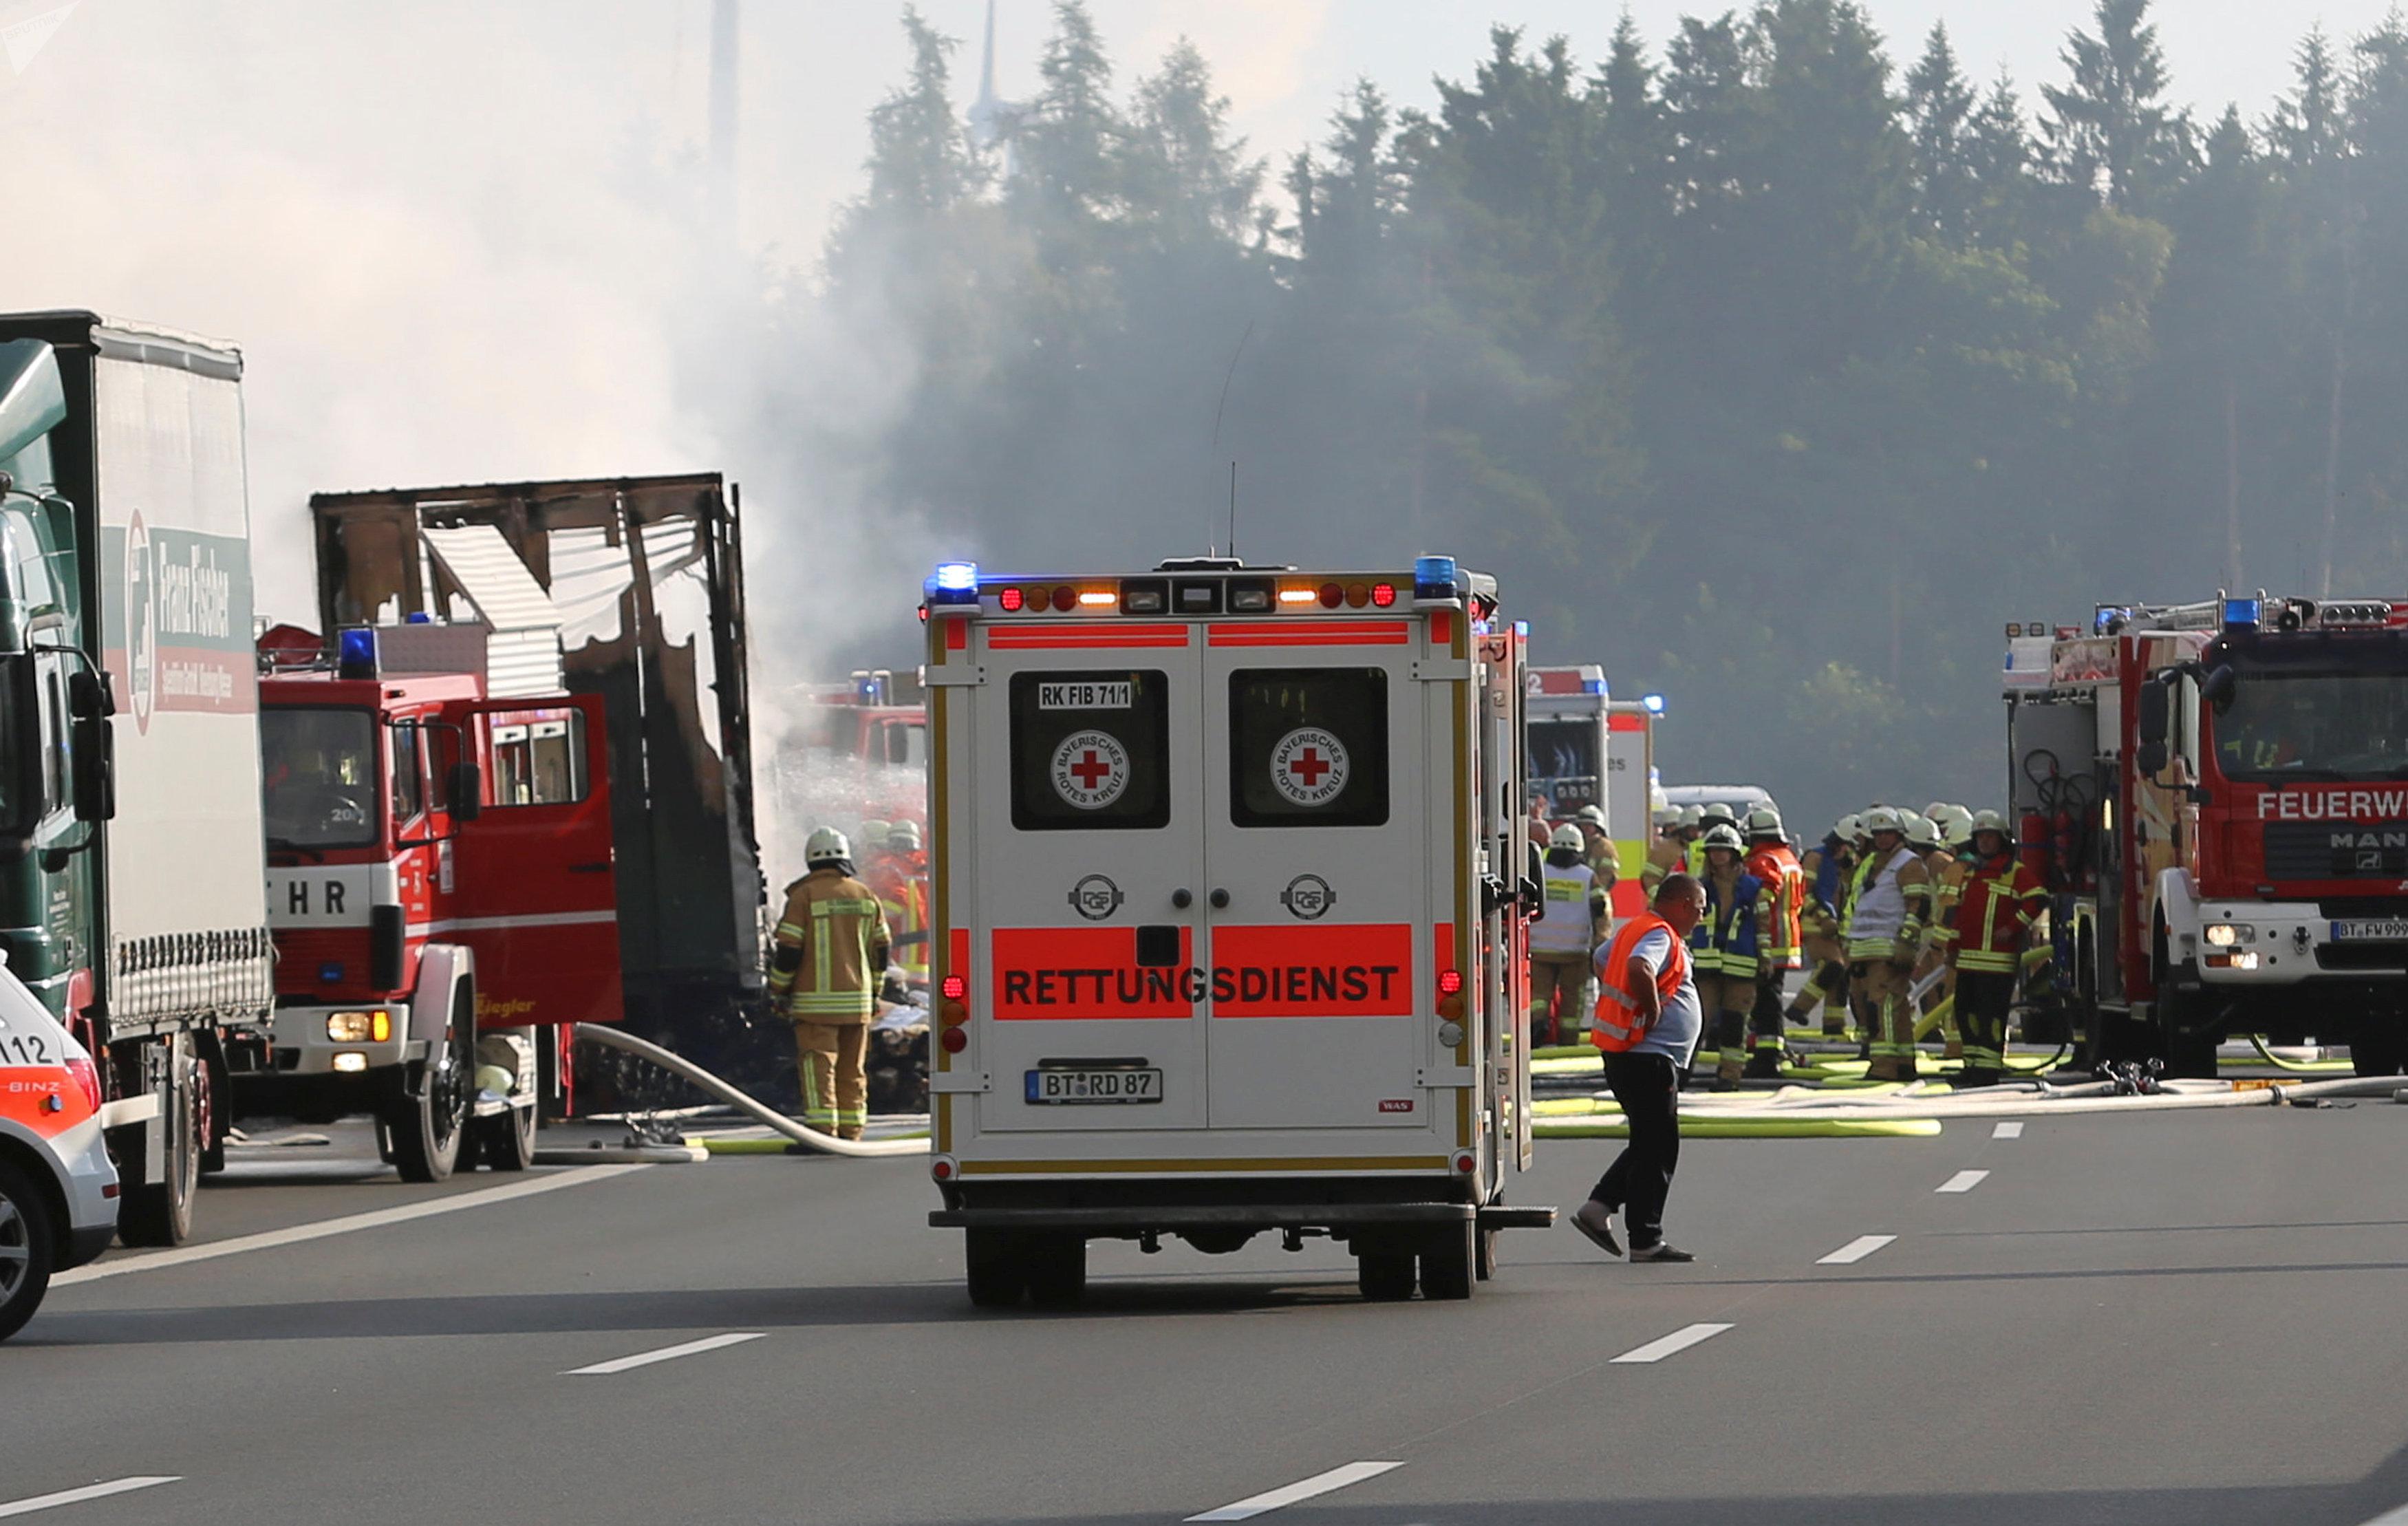 L'accident sur l'autoroute A9 en Allemagne